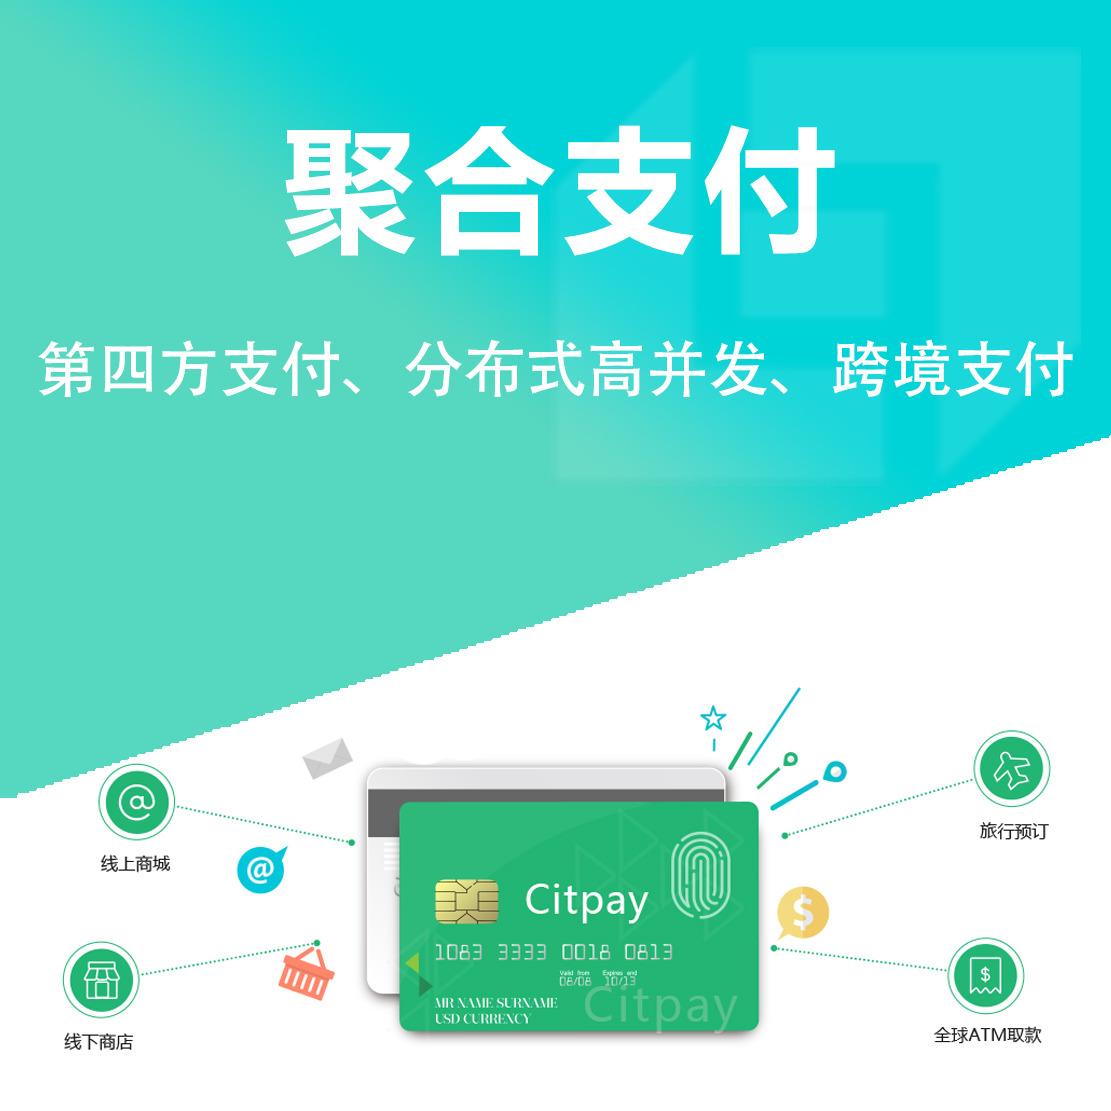 聚合支付平台/跨境支付/PING++